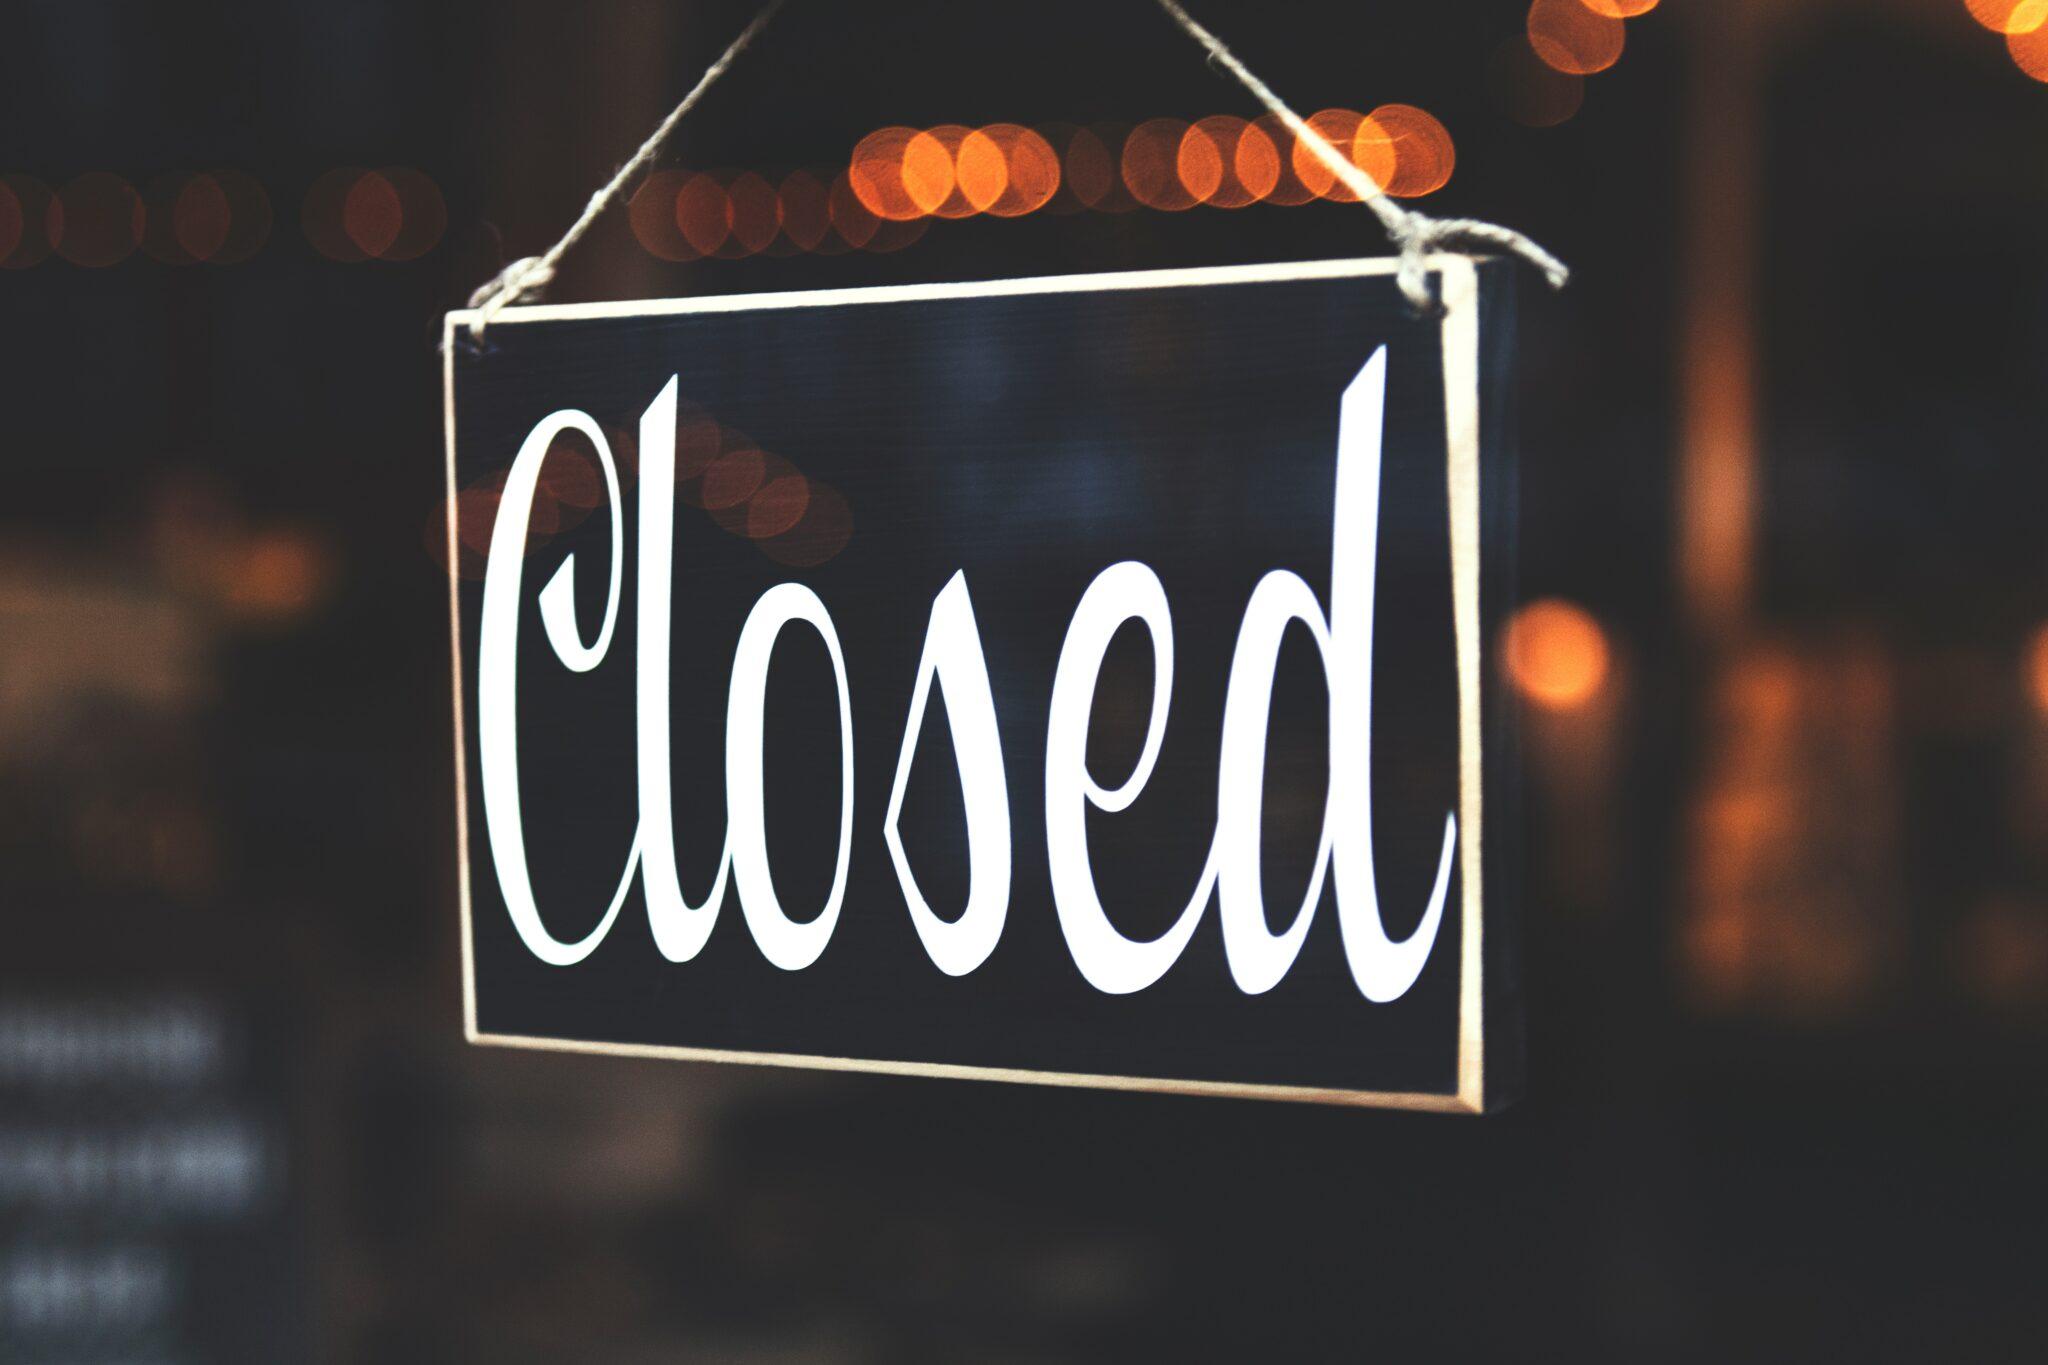 Sorry, wij zijn vanwege corona tijdelijk gesloten